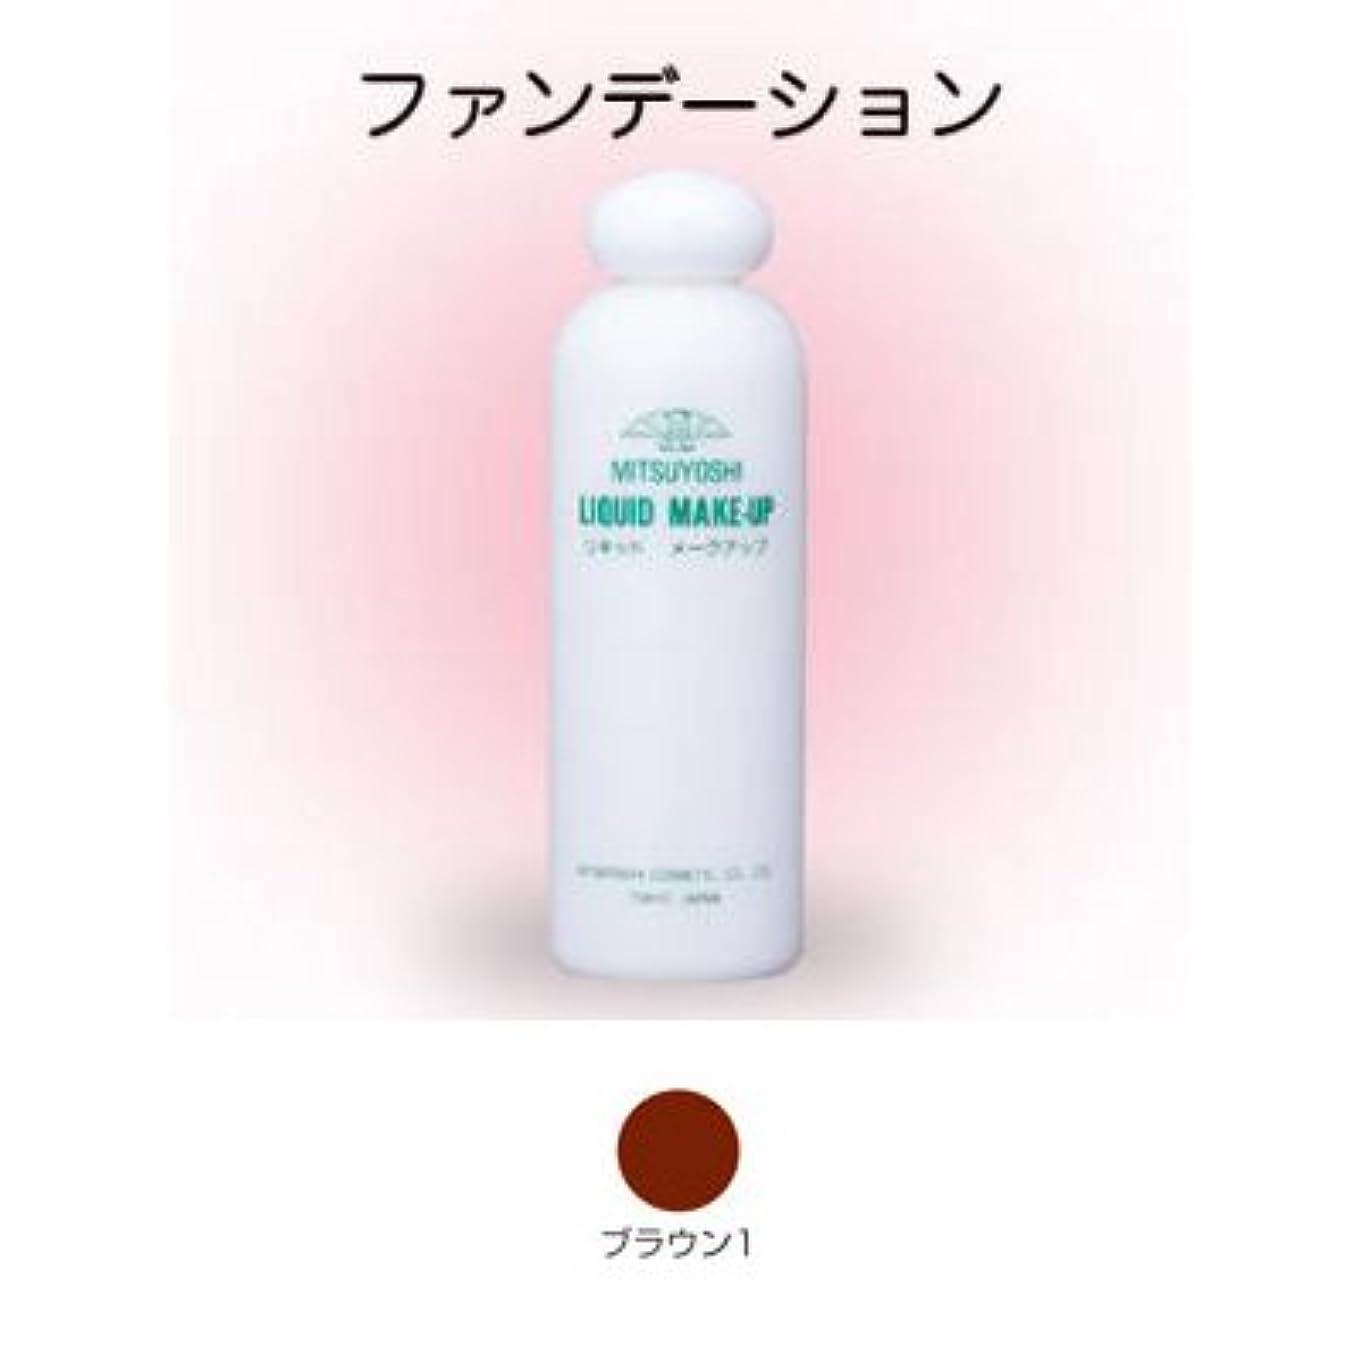 もう一度姿勢幹三善 リキッドメークアップ 水おしろい コスプレメイク 舞台用化粧品 カラー:ブラウン1